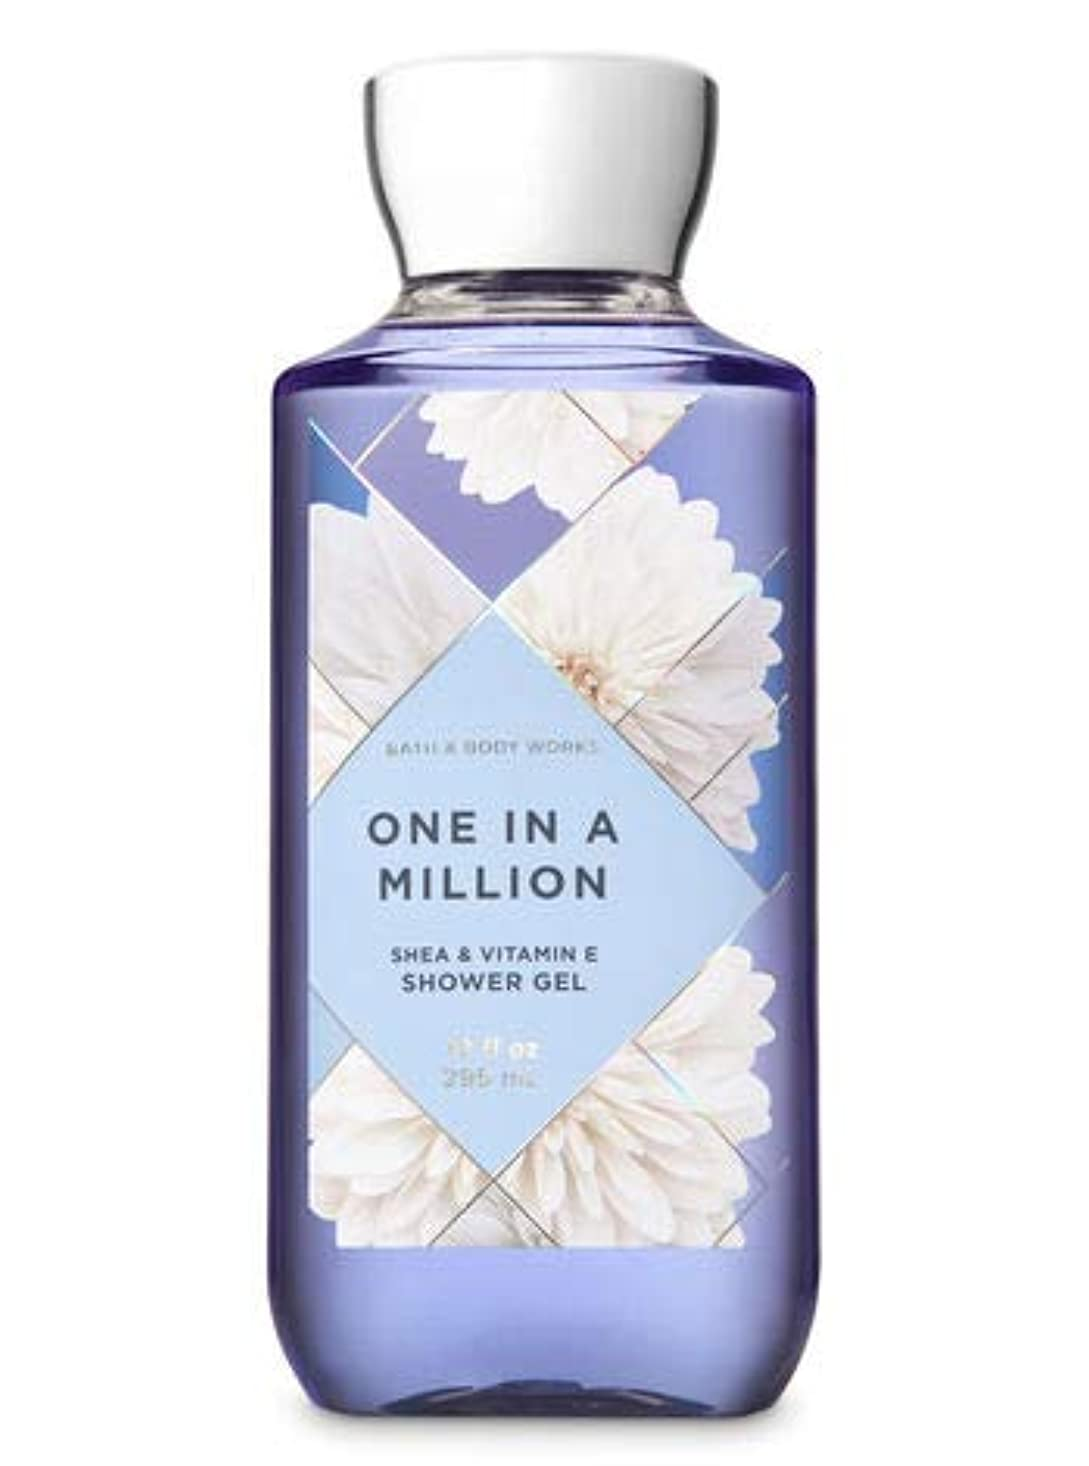 不変開拓者均等に【Bath&Body Works/バス&ボディワークス】 シャワージェル ワンインアミリオン Shower Gel One in a Million 10 fl oz / 295 mL [並行輸入品]